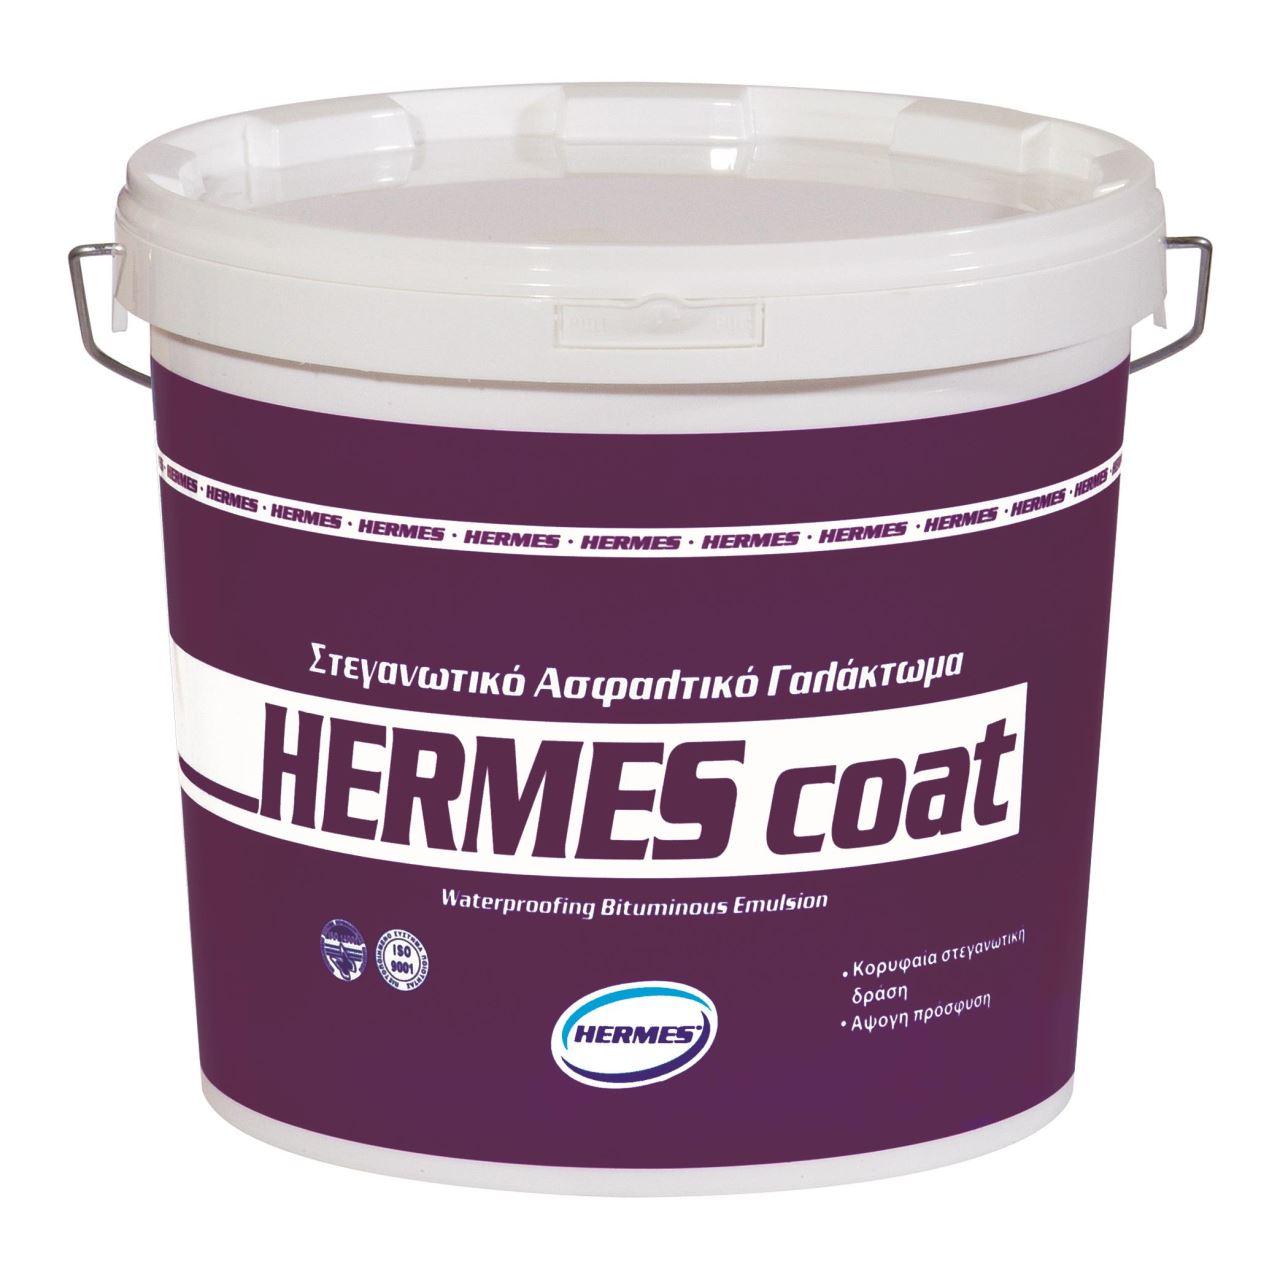 Emulsie Hermes Coat Temad, bituminoasa, 5 kg mathaus 2021